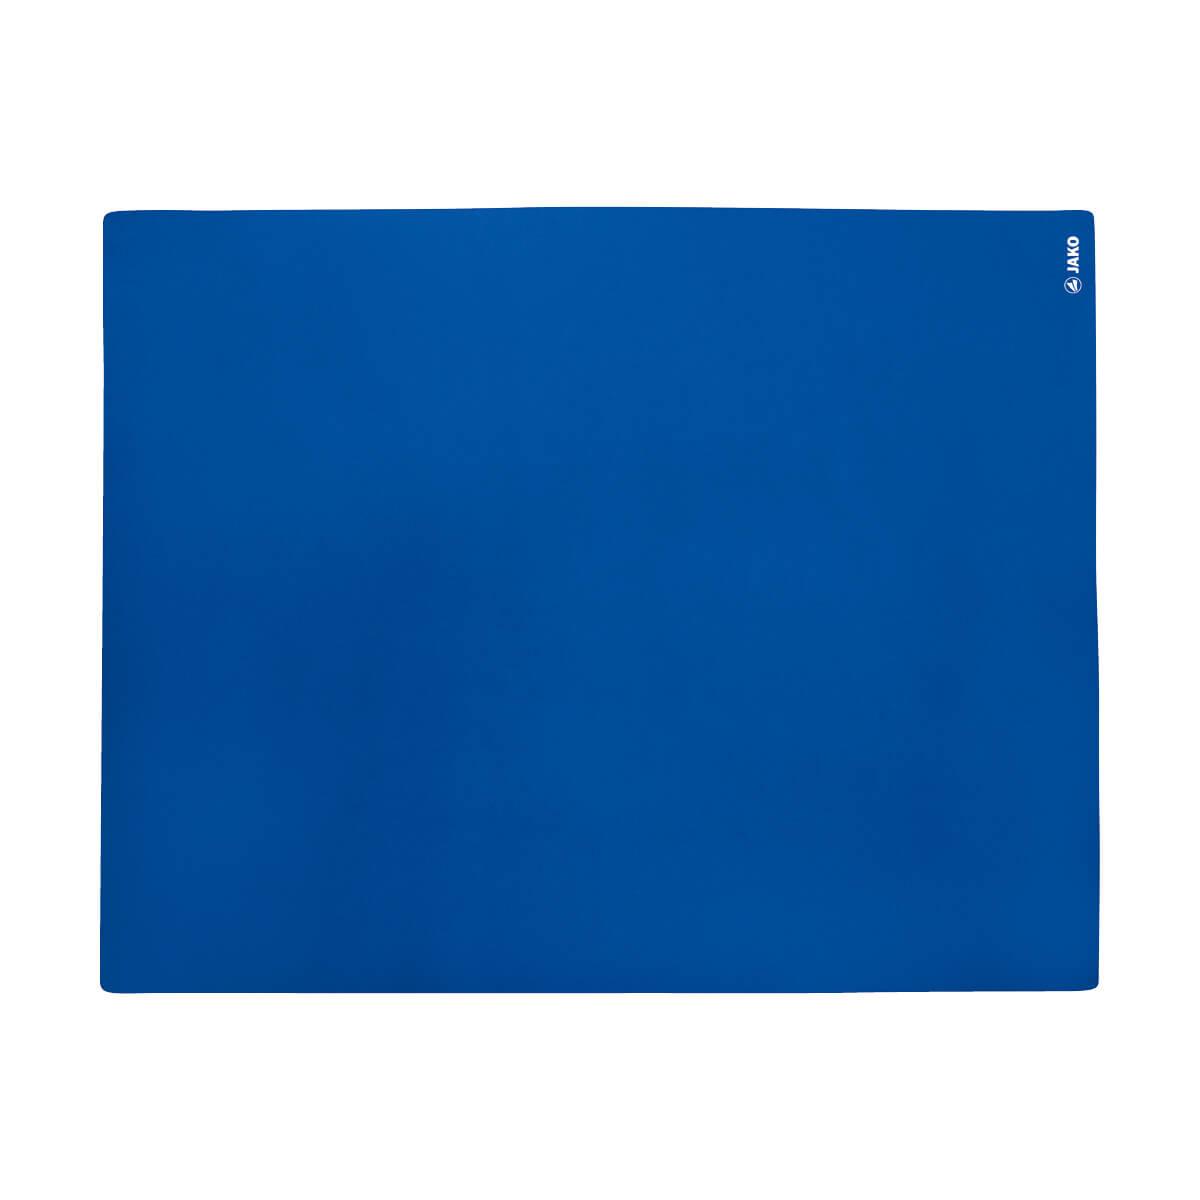 Jako Stadiondecke  HW0117  | div. Größen / Farben